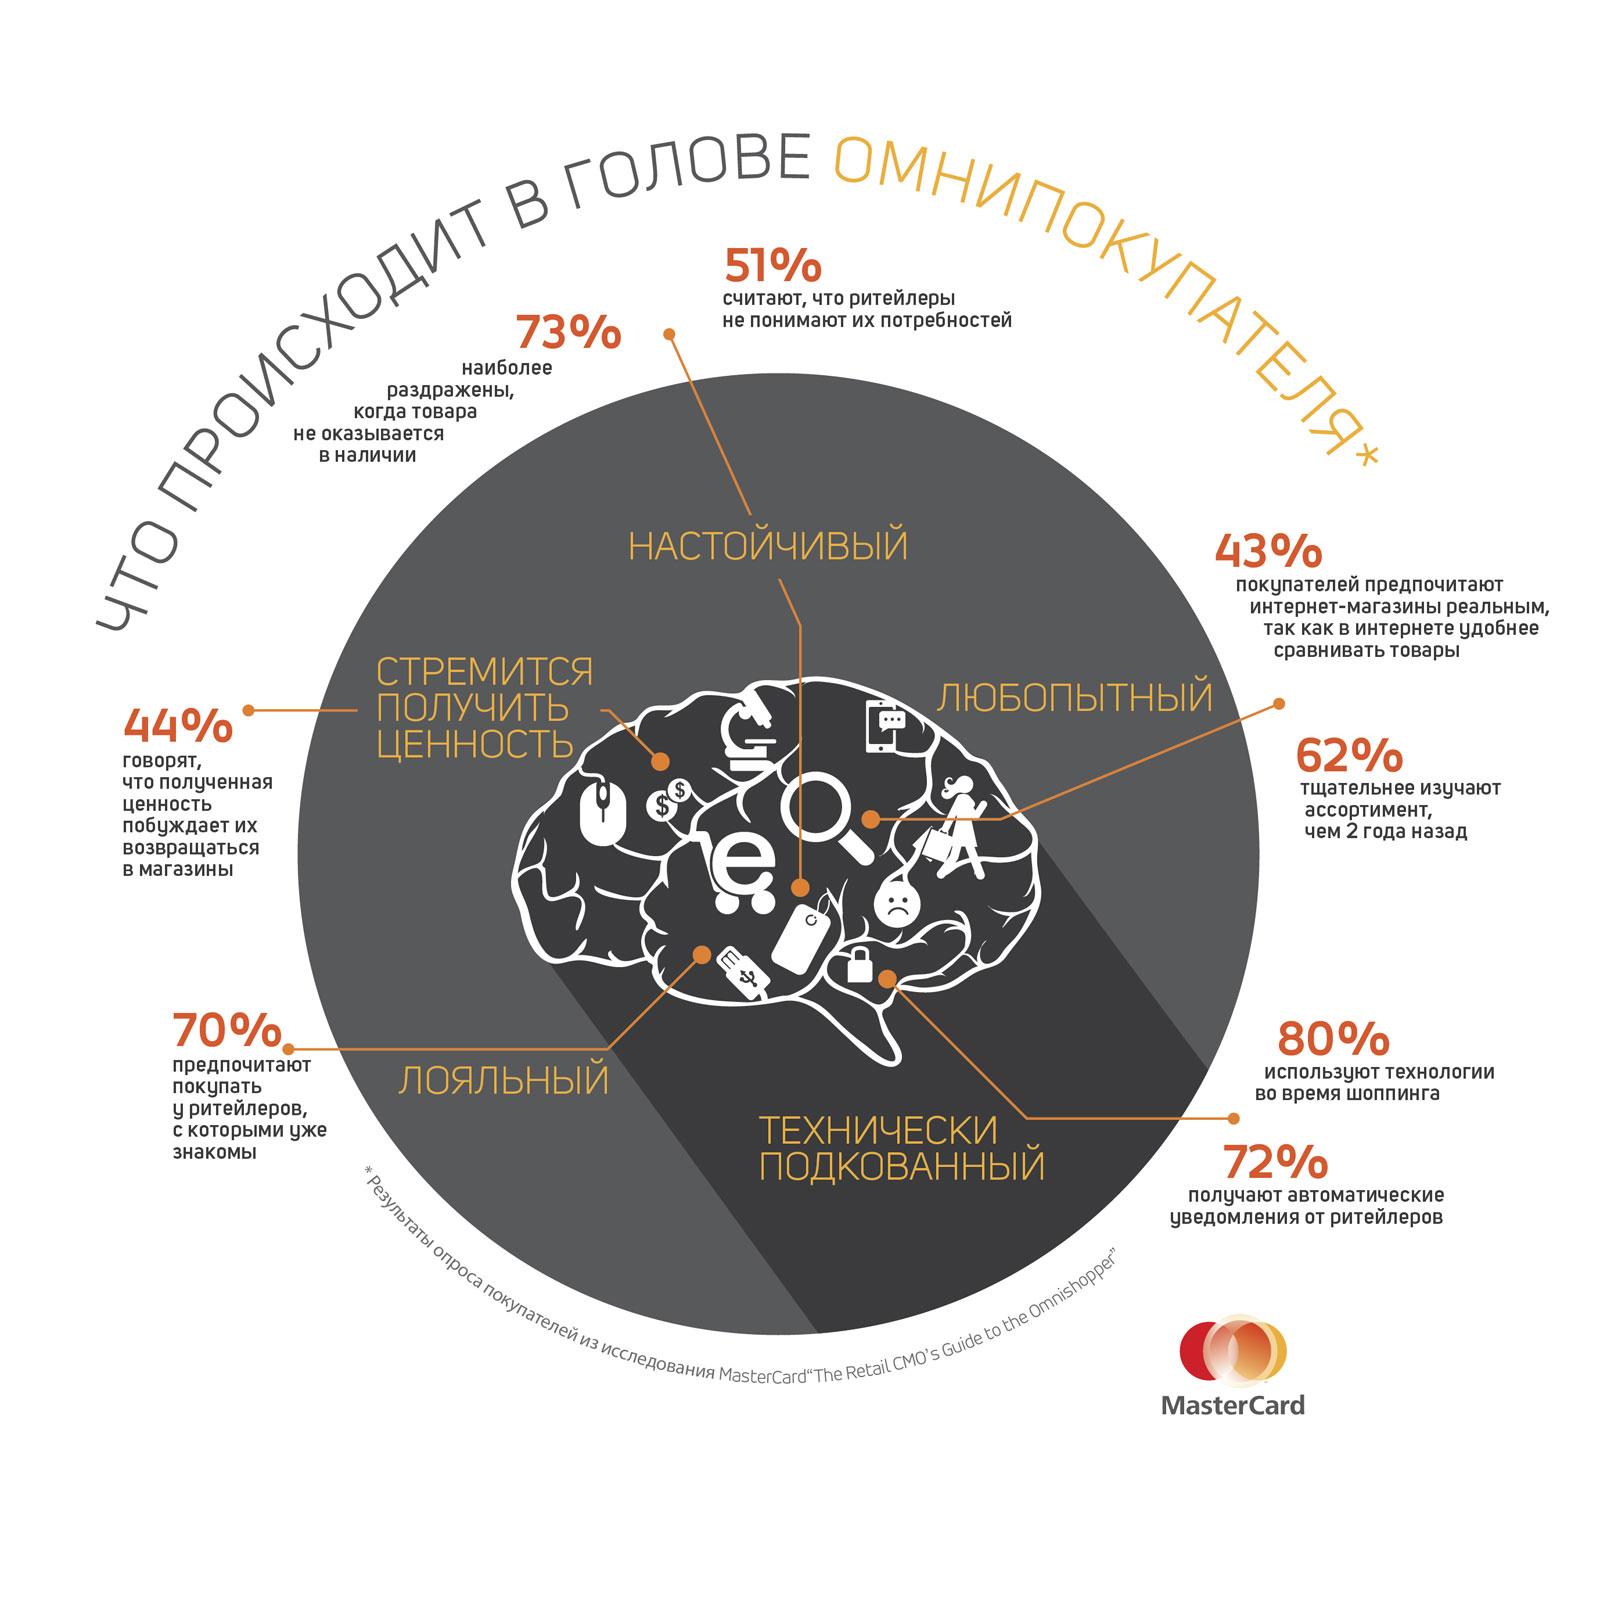 исследование интернет технологии на предприятии: